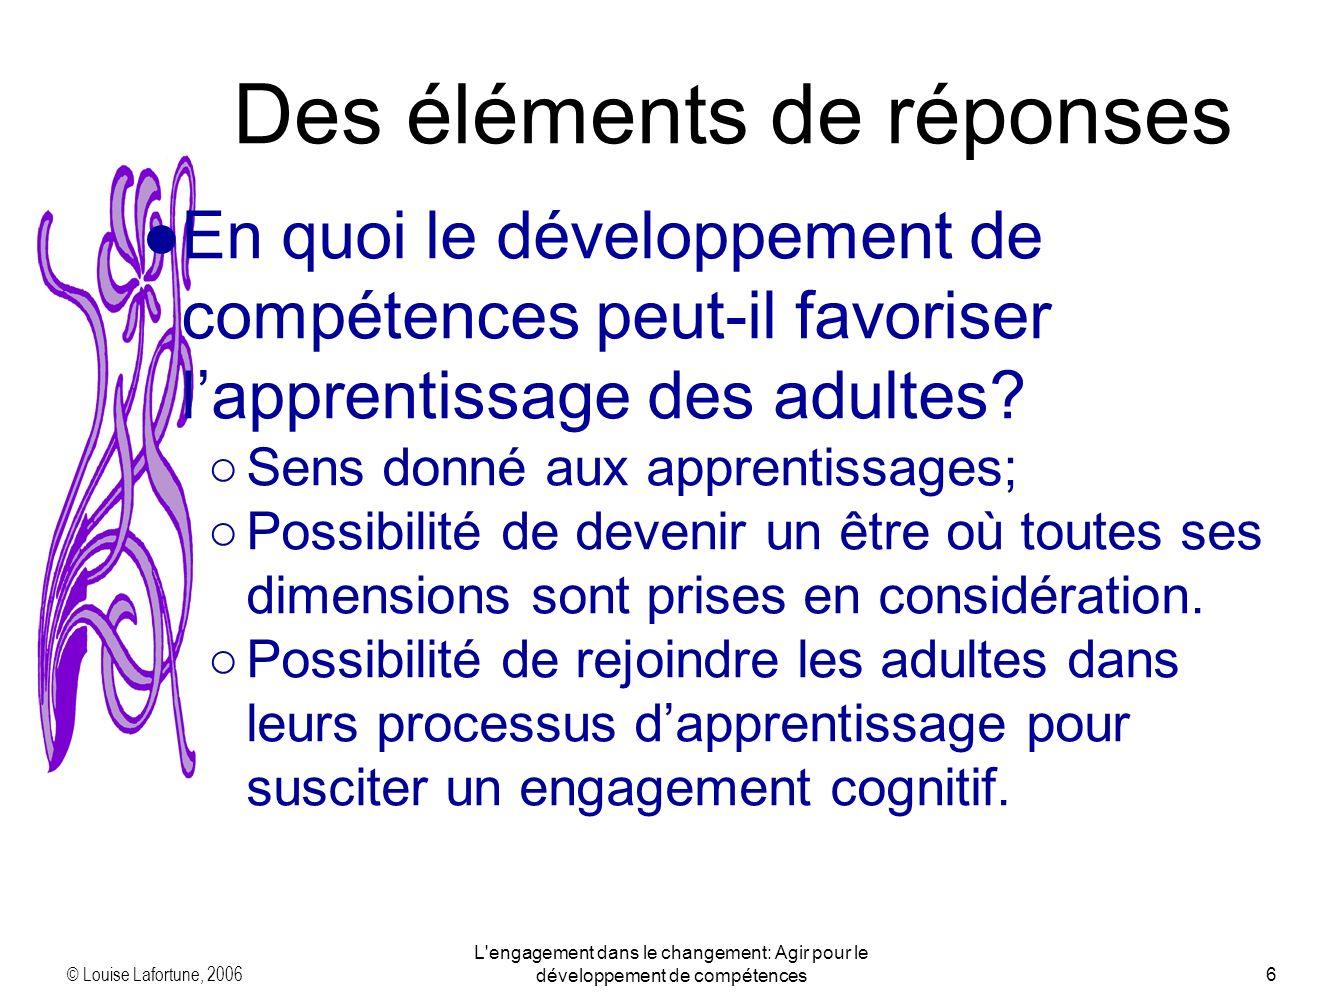 © Louise Lafortune, 2006 L'engagement dans le changement: Agir pour le développement de compétences6 Des éléments de réponses En quoi le développement